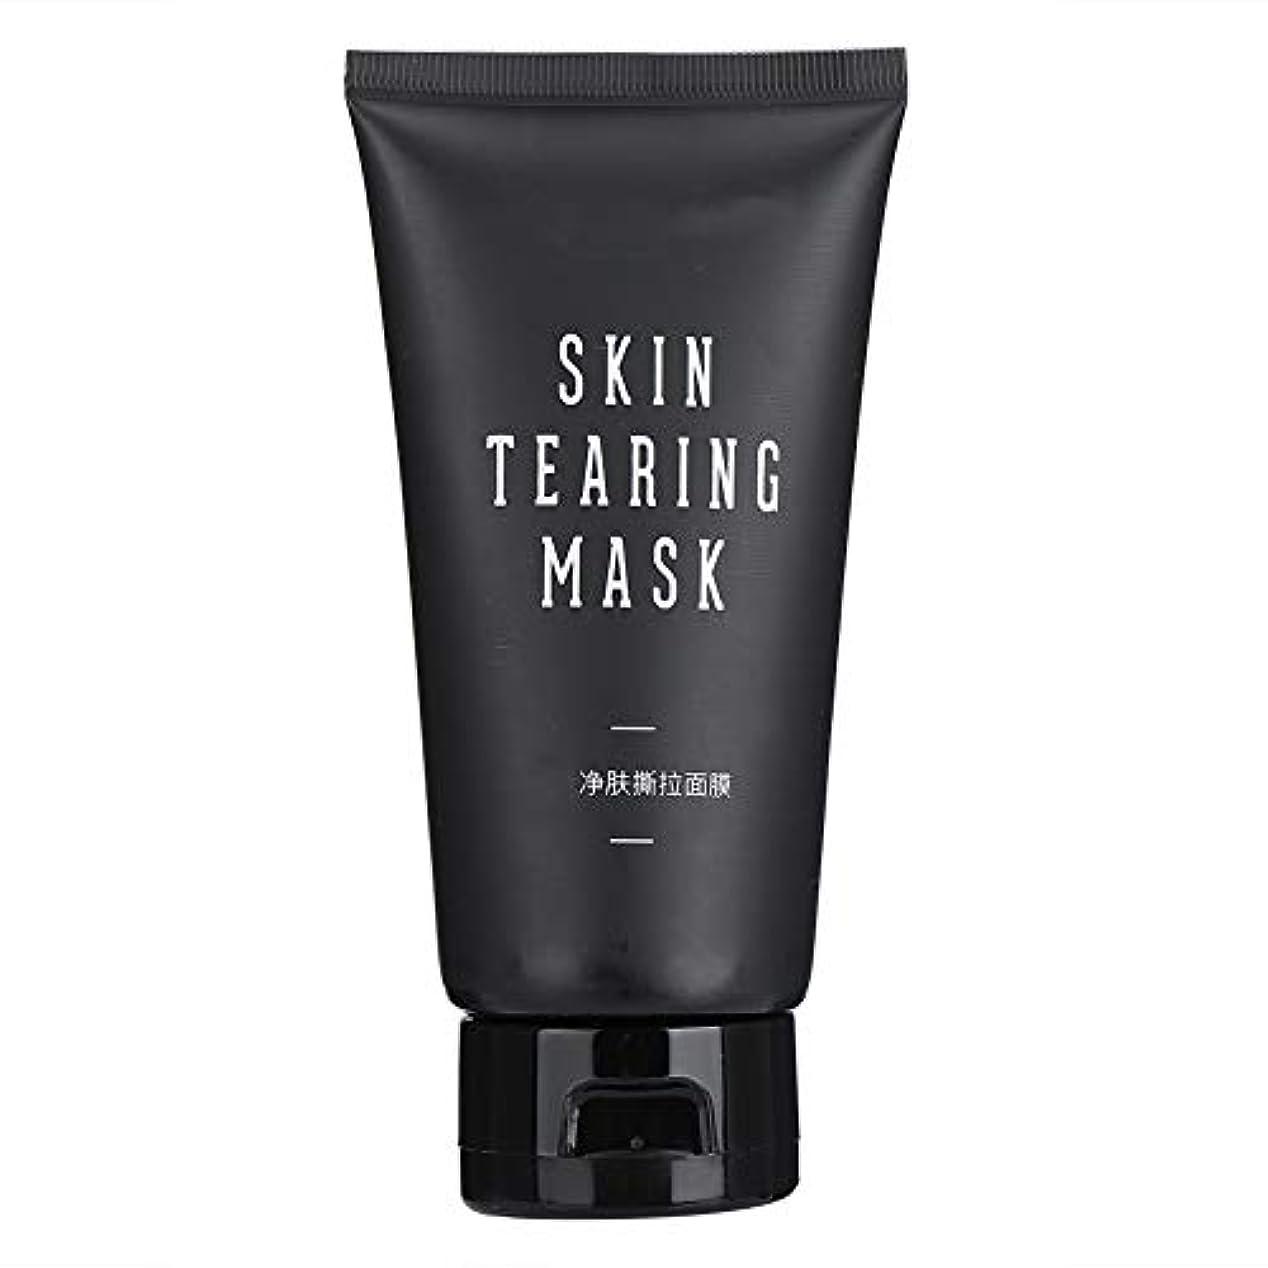 ホーン不純瞑想する角質除去クレンジングマスク、にきびの除去角質除去マスク、ポロスクリーニングアスコットの修復 - 80 g